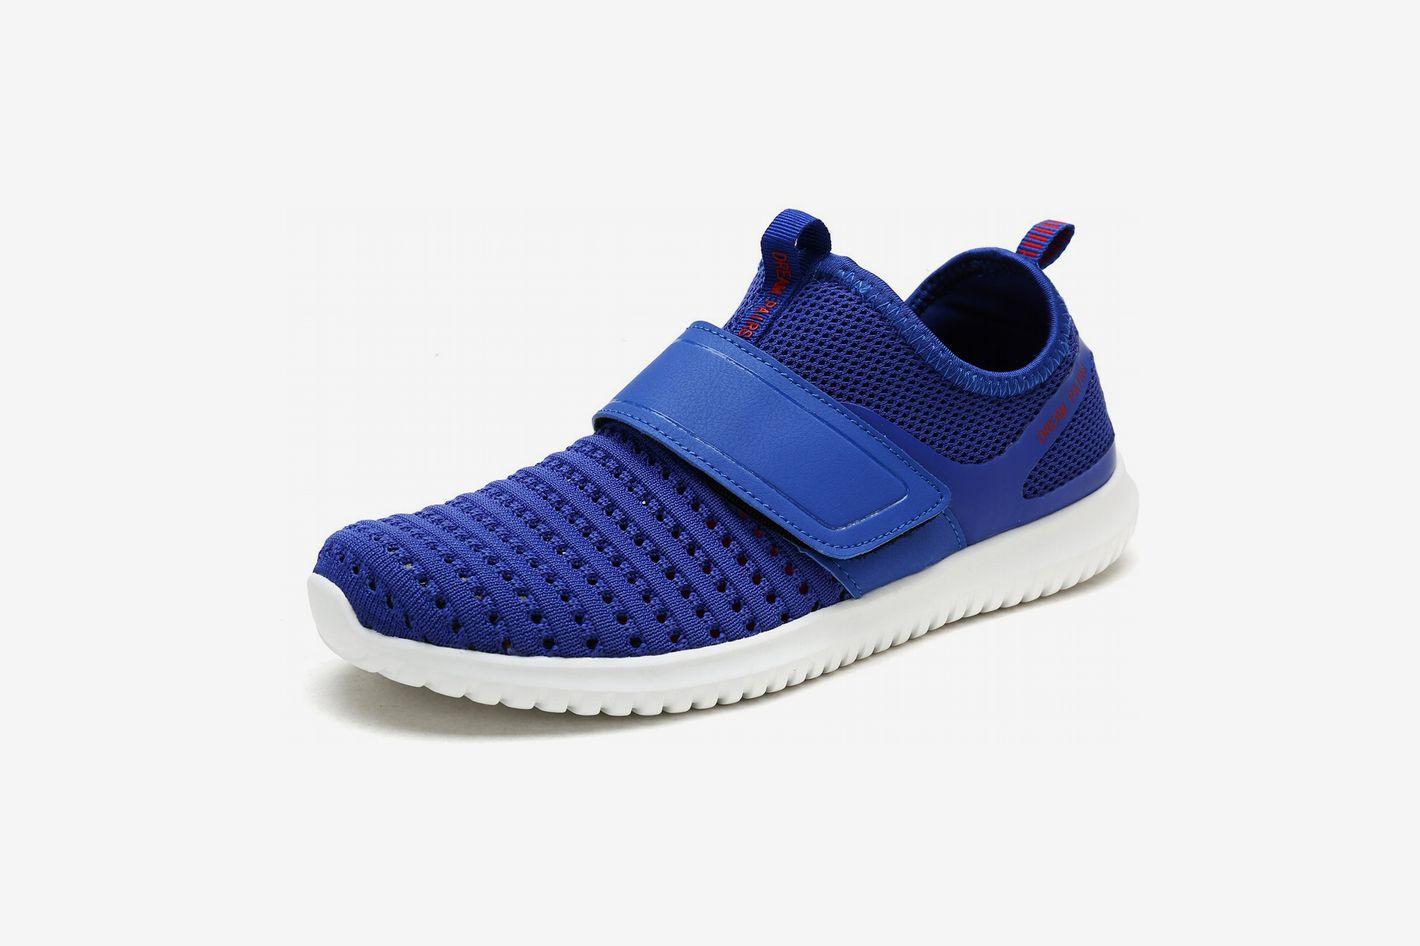 e3d5bb6f870de 11 Best Water Shoes for Men — 2019